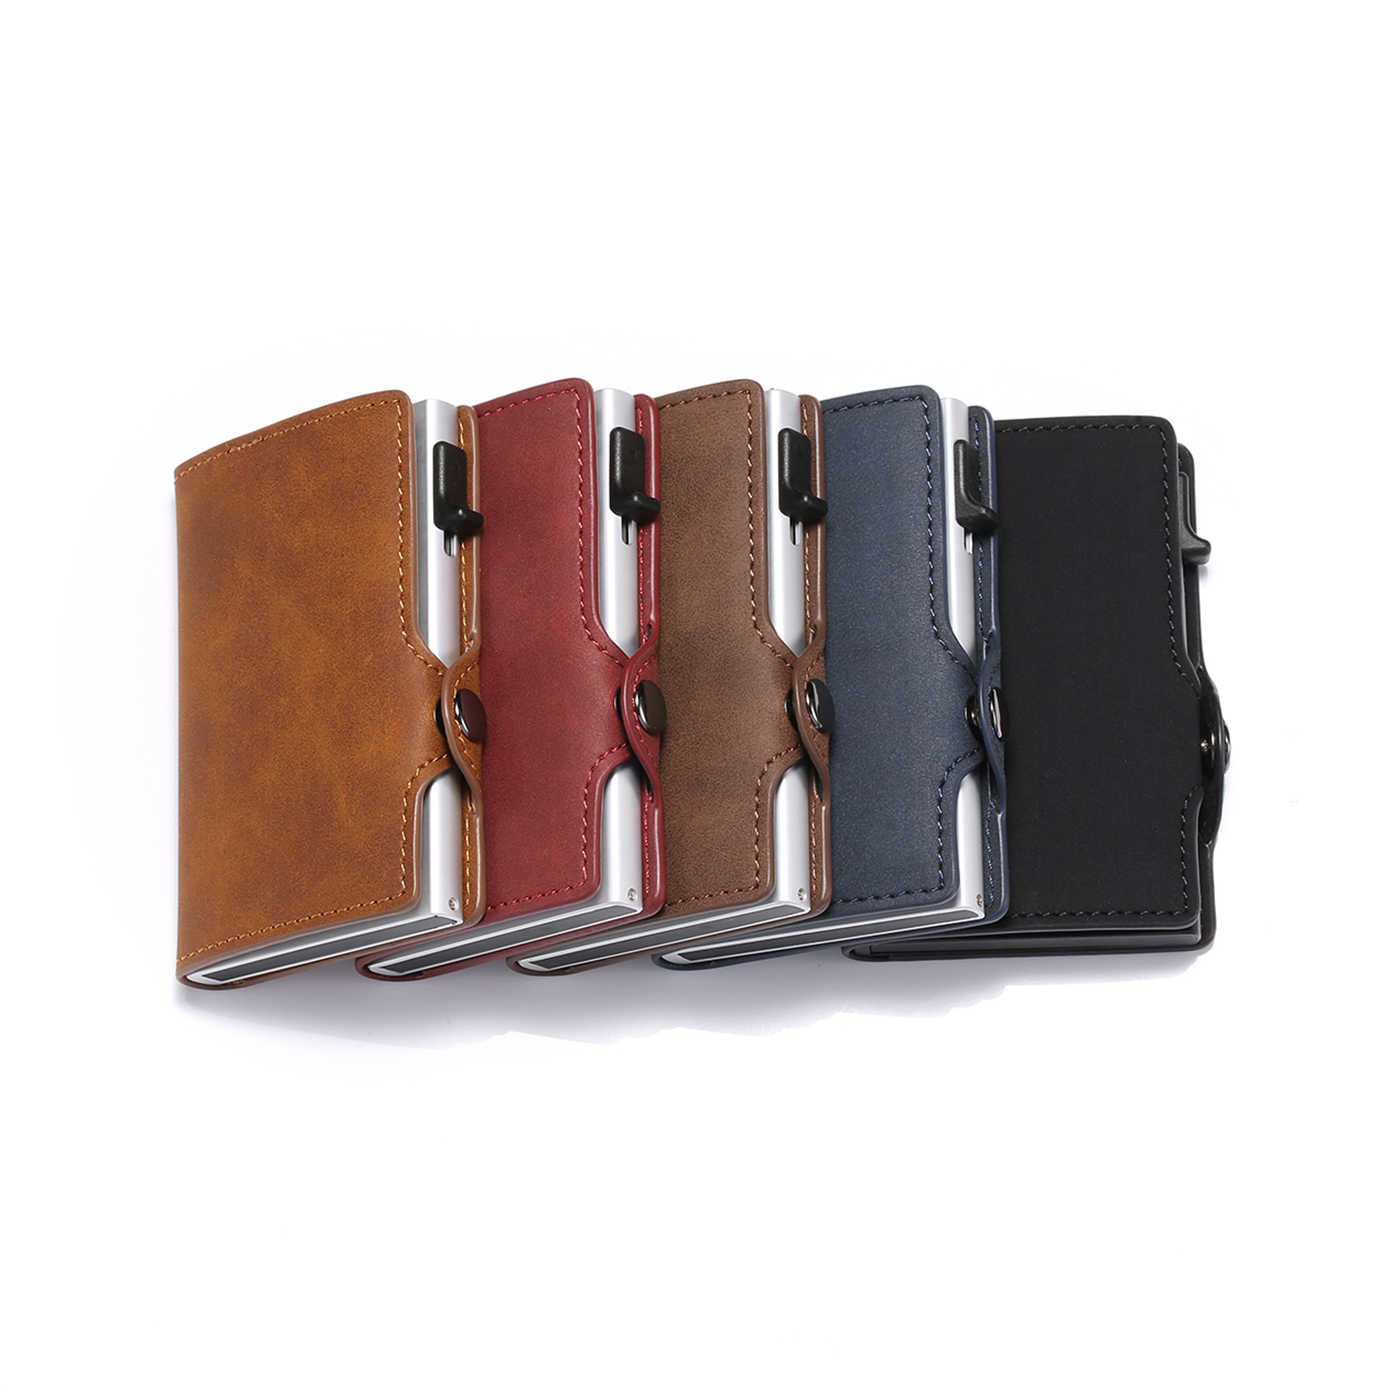 BISI 五郎 2019 ユニセックス RFID カードホルダー財布ヴィンテージカード財布スリムポップアップビジネスマネーバッグ盗難防止カードドロップ出荷